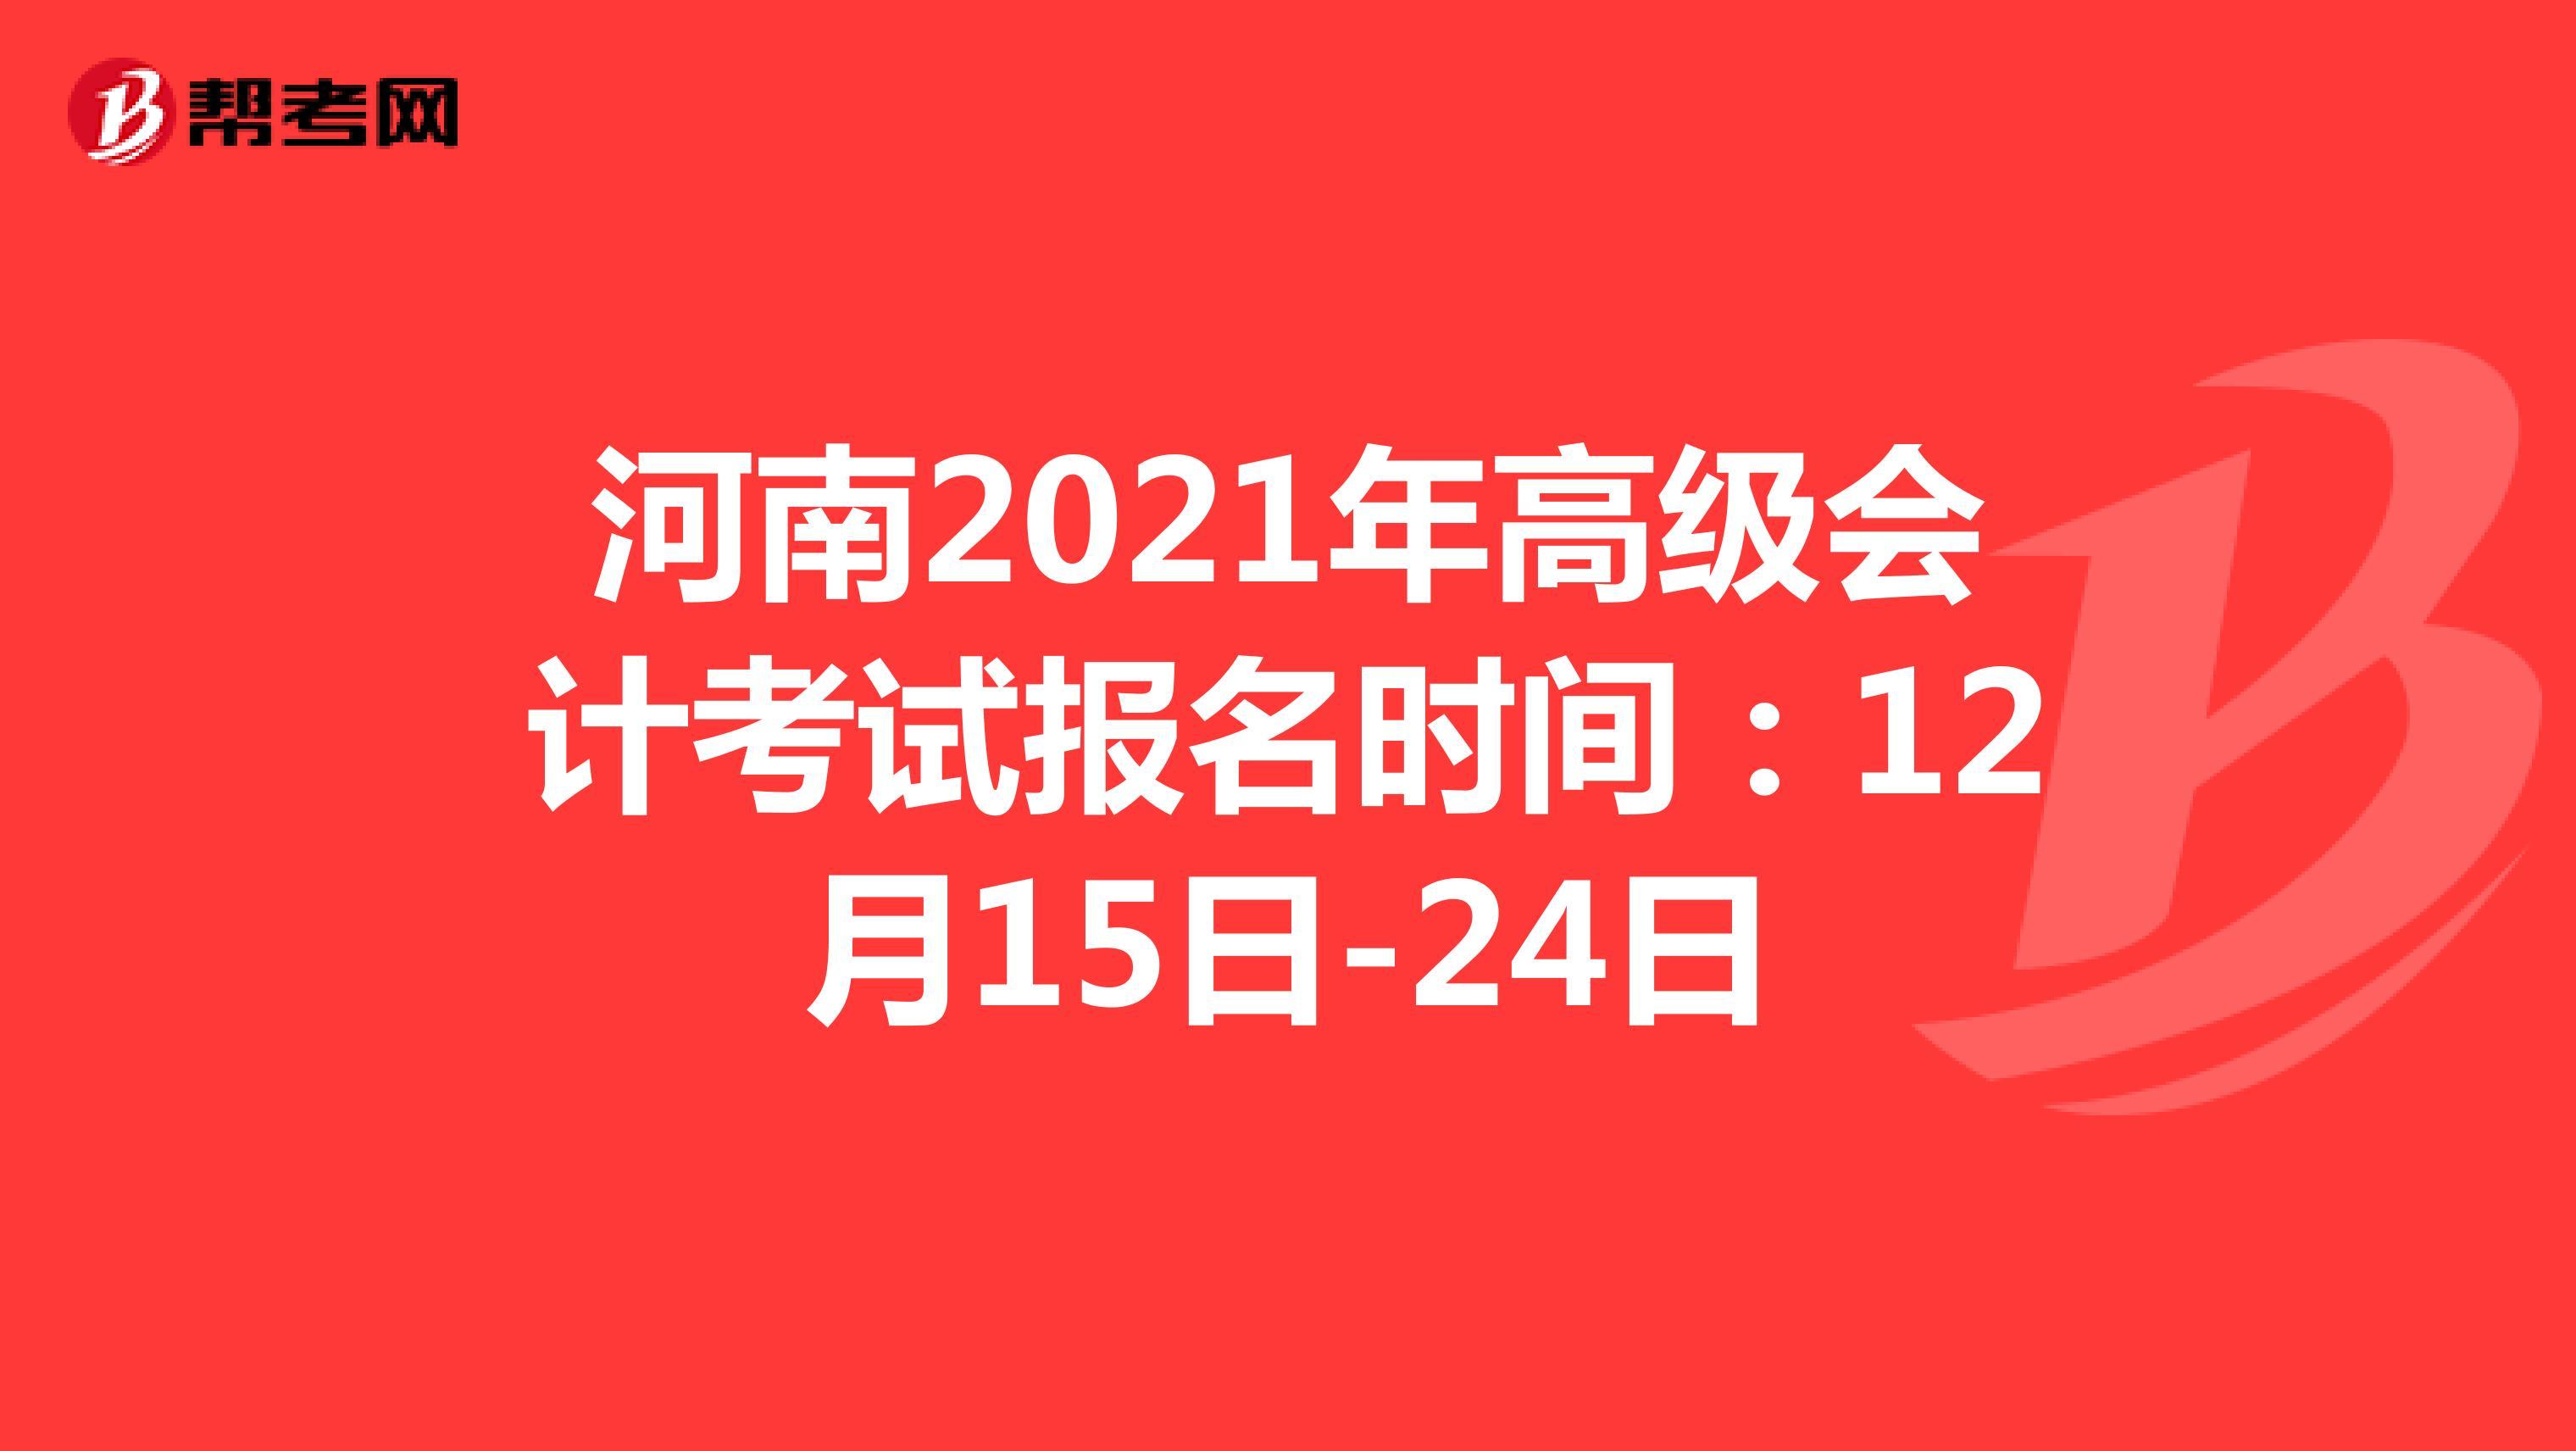 河南2021年高級會計考試報名時間:12月15日-24日